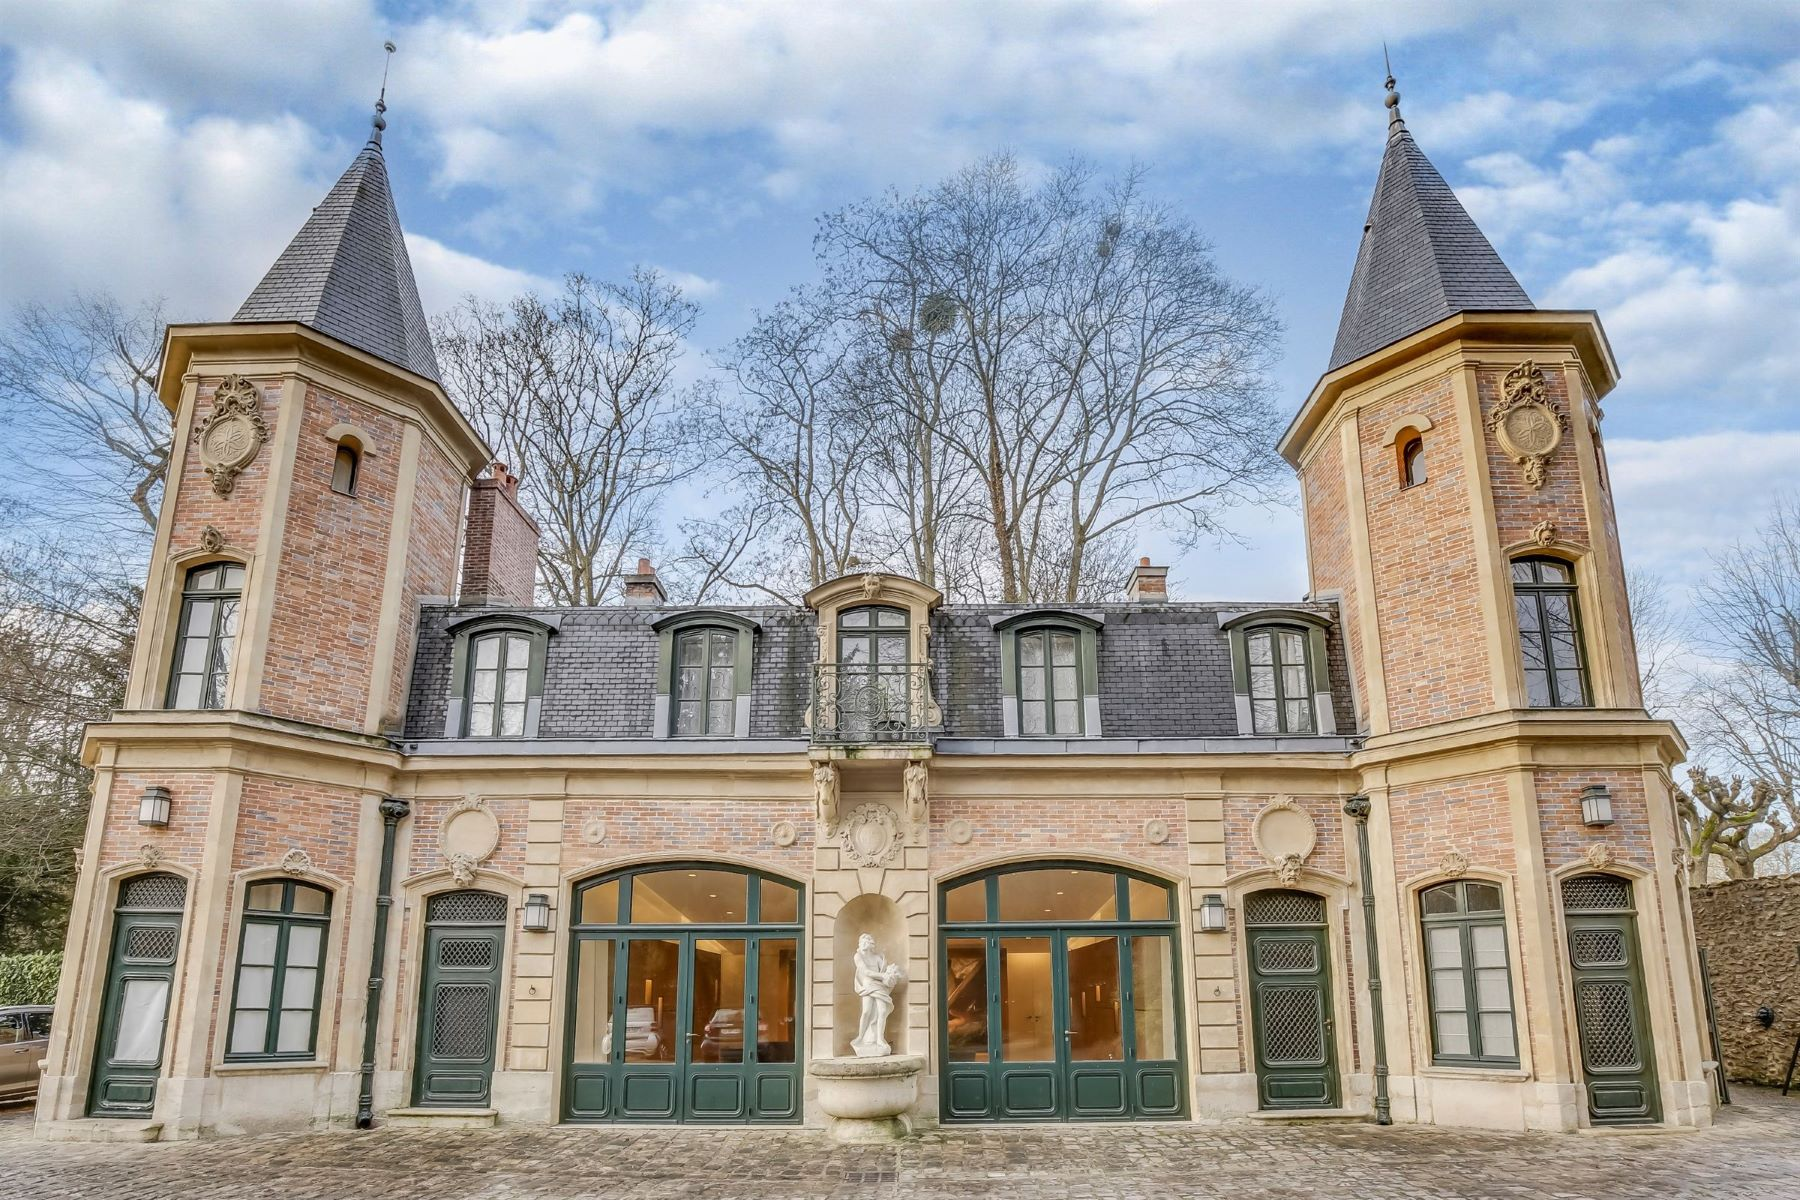 Additional photo for property listing at Louveciennes - Les Voisins  Louveciennes, Ile-De-France 78430 France